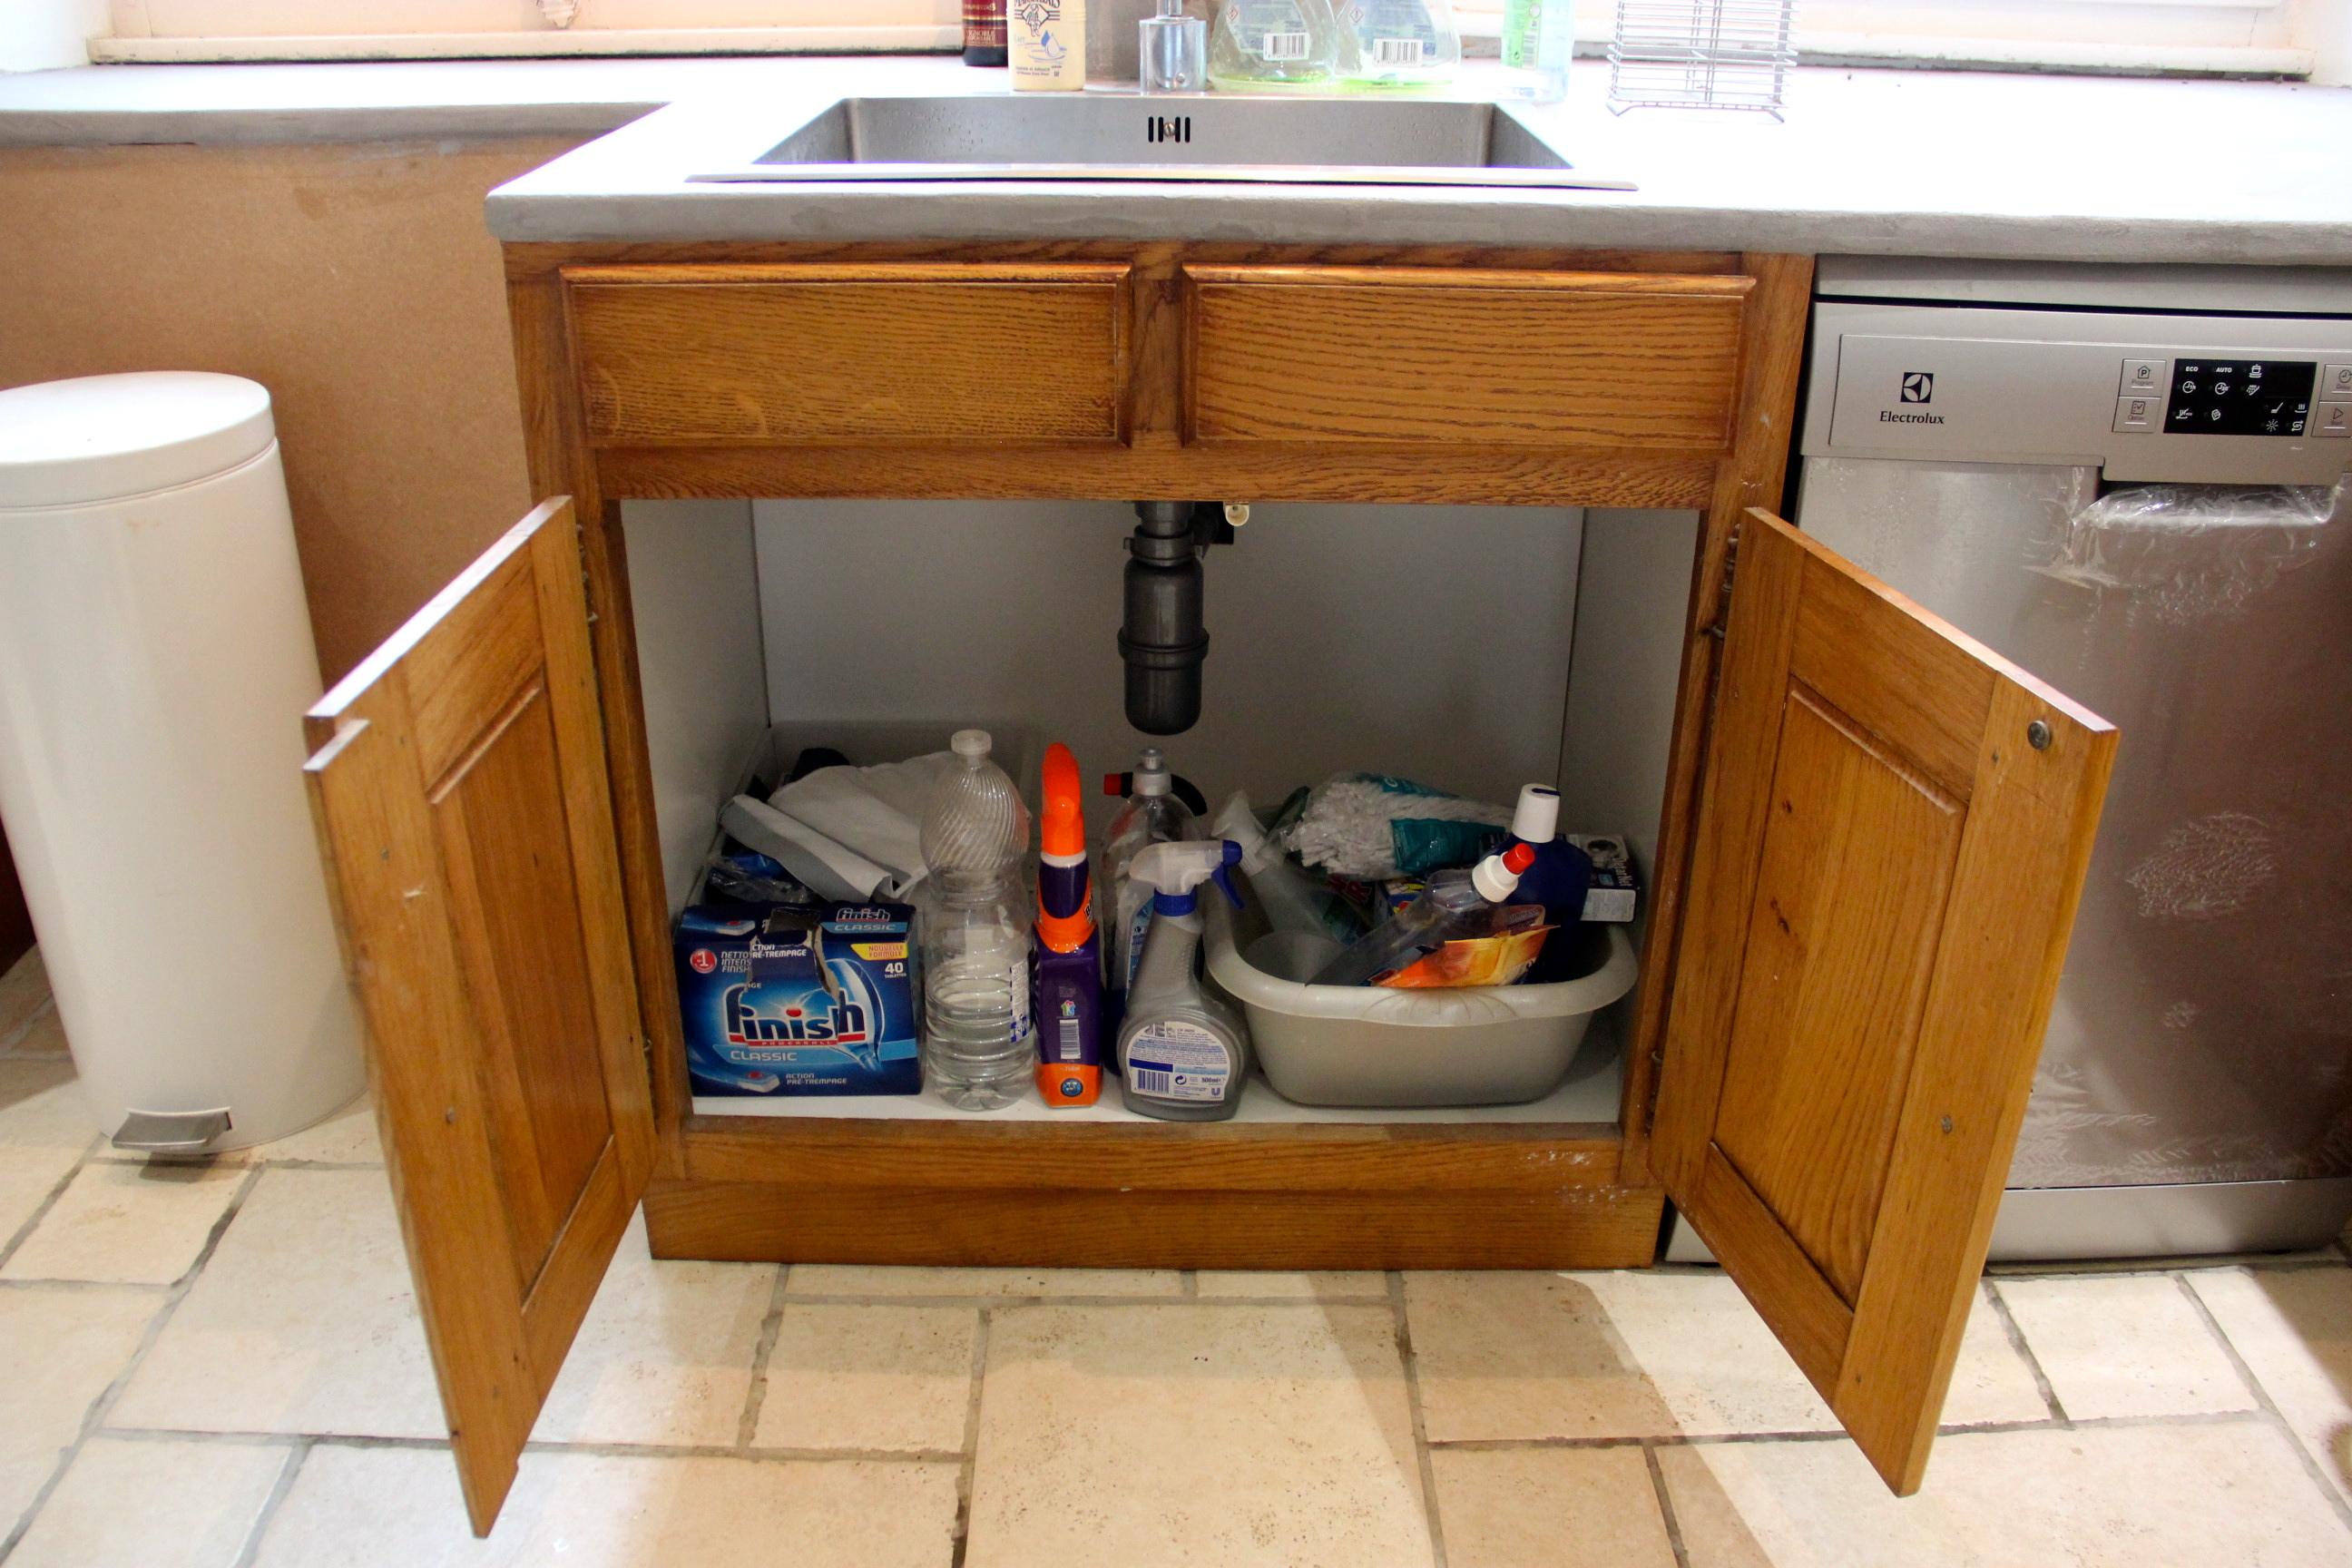 Organiser Meuble Sous Evier cuisine : organiser sous l'évier |